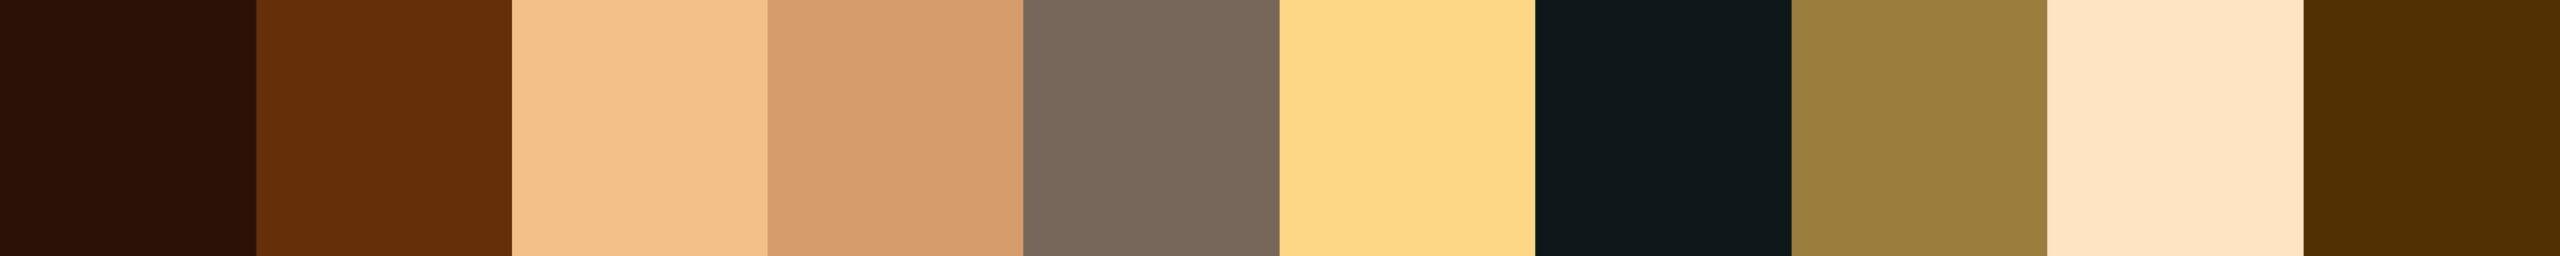 219 Oirafena Color Palette